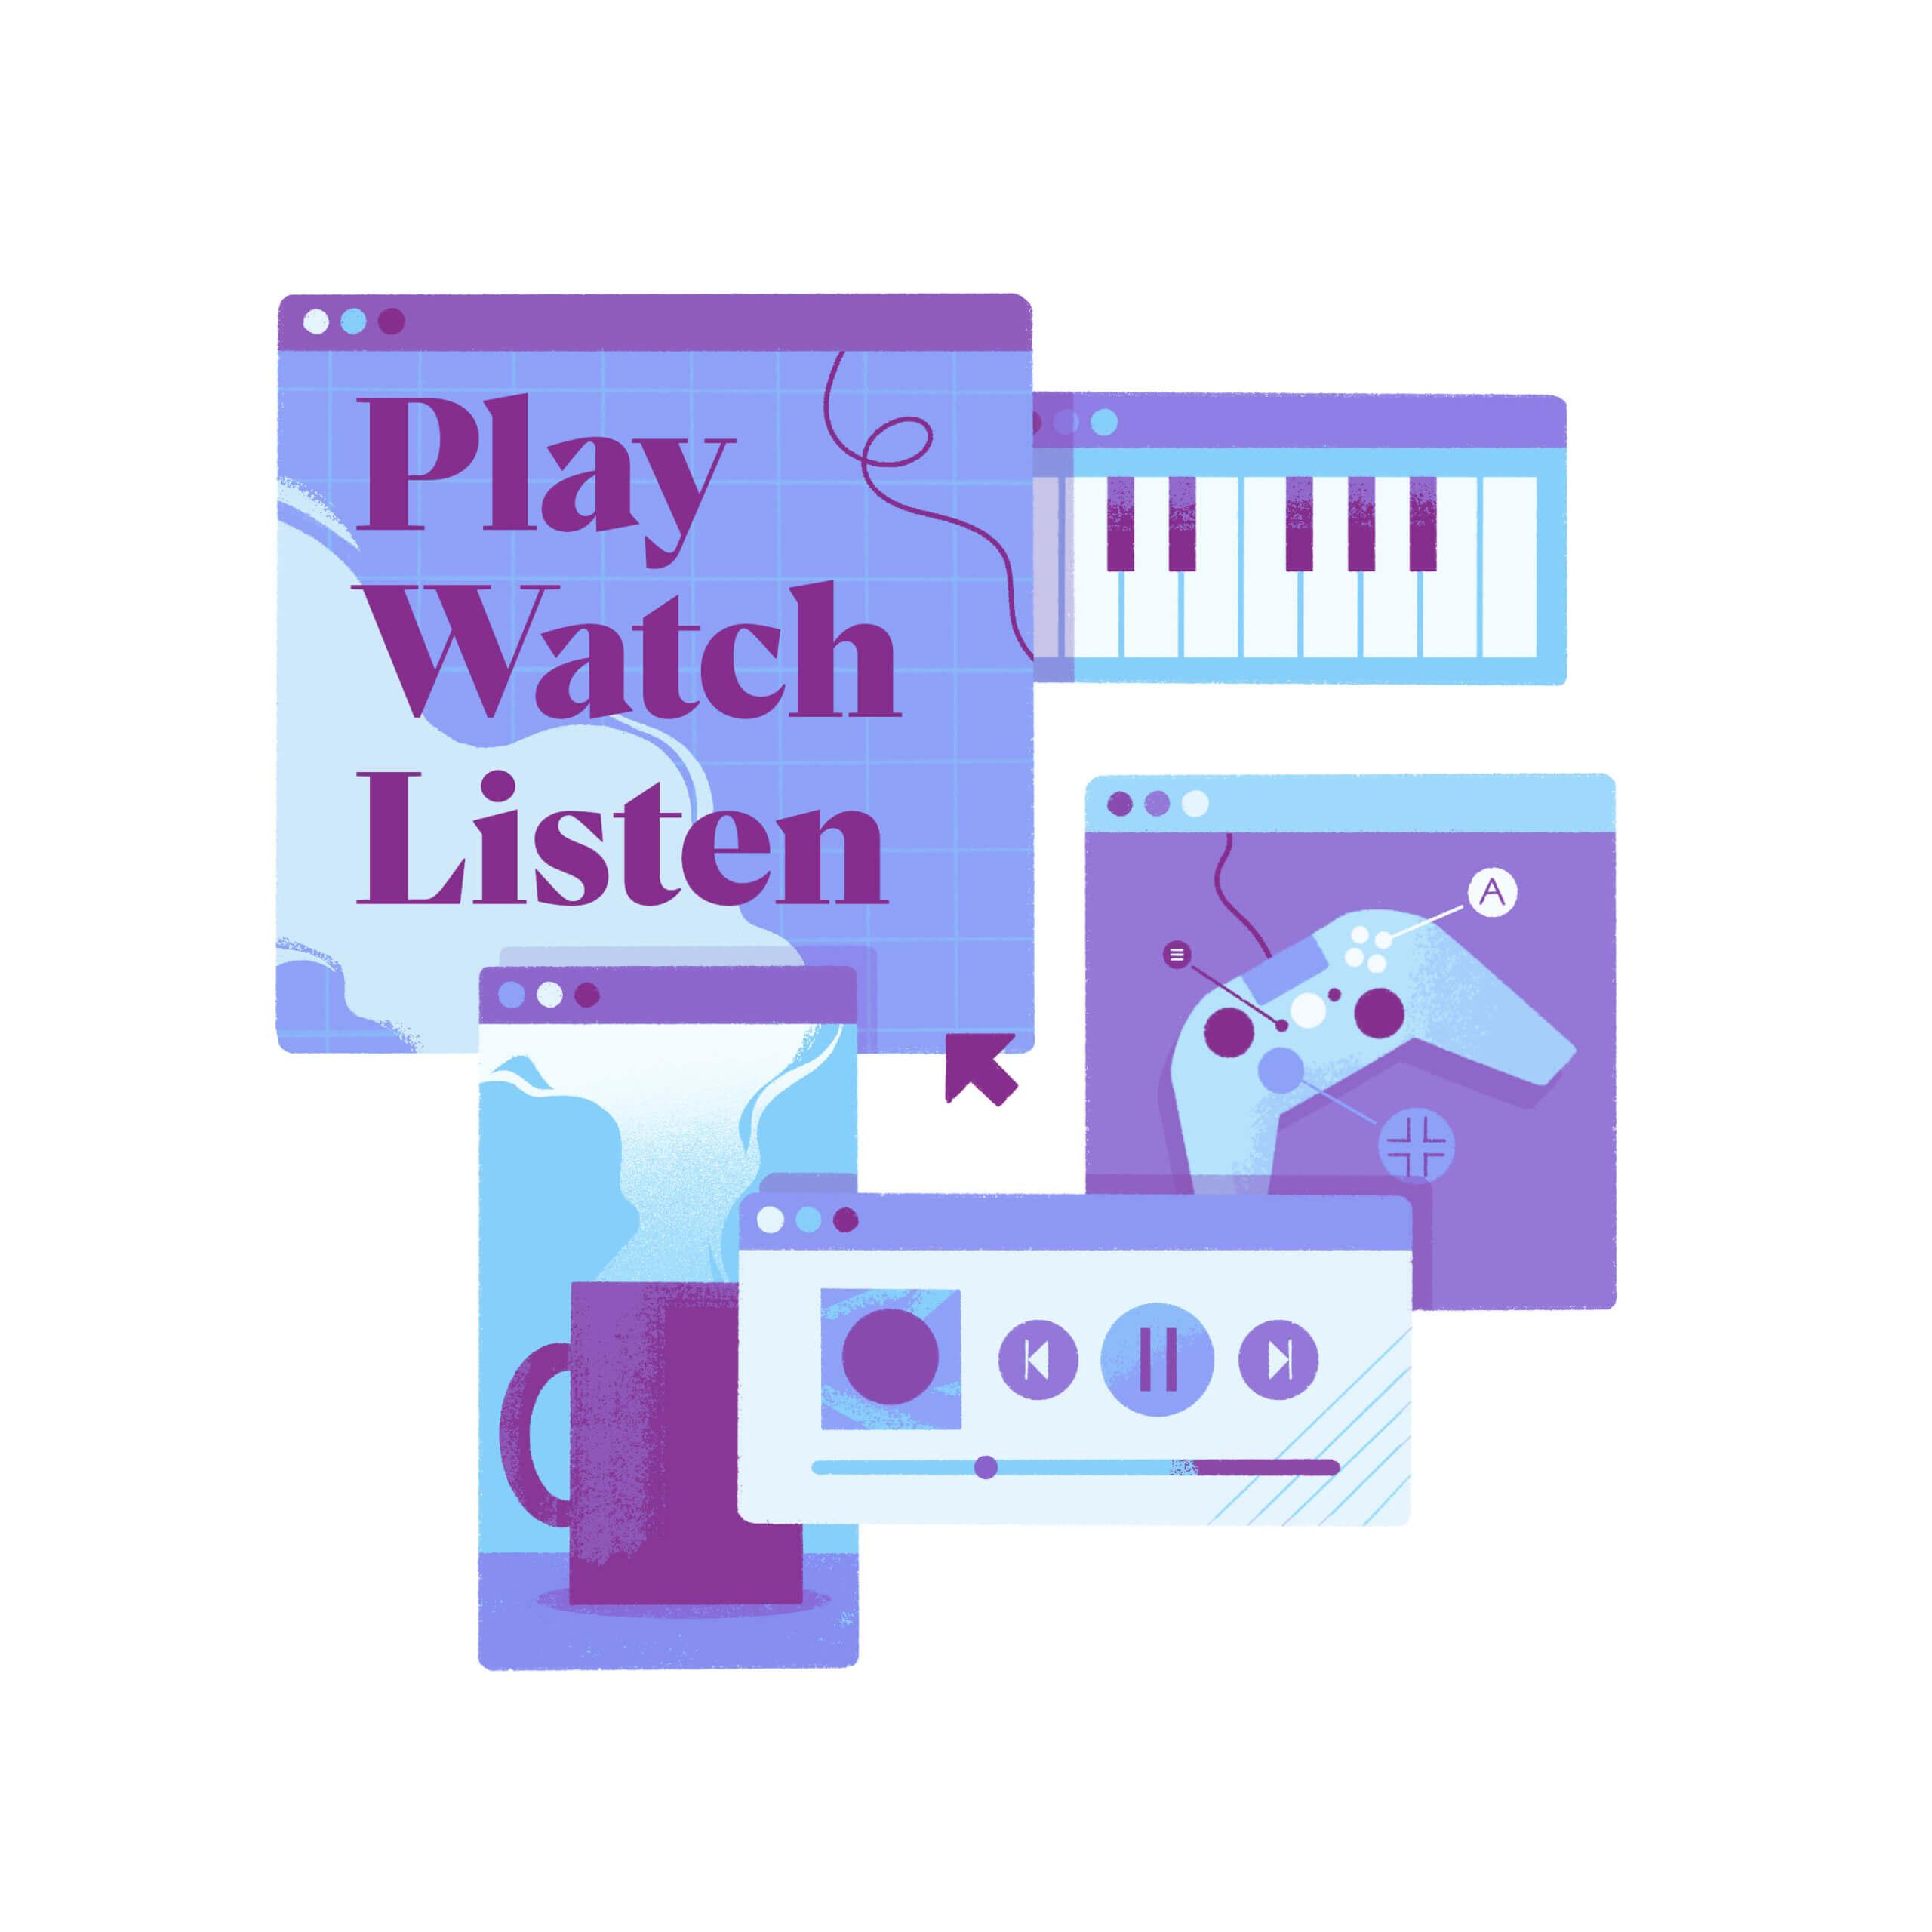 Play_Watch_Listen_final